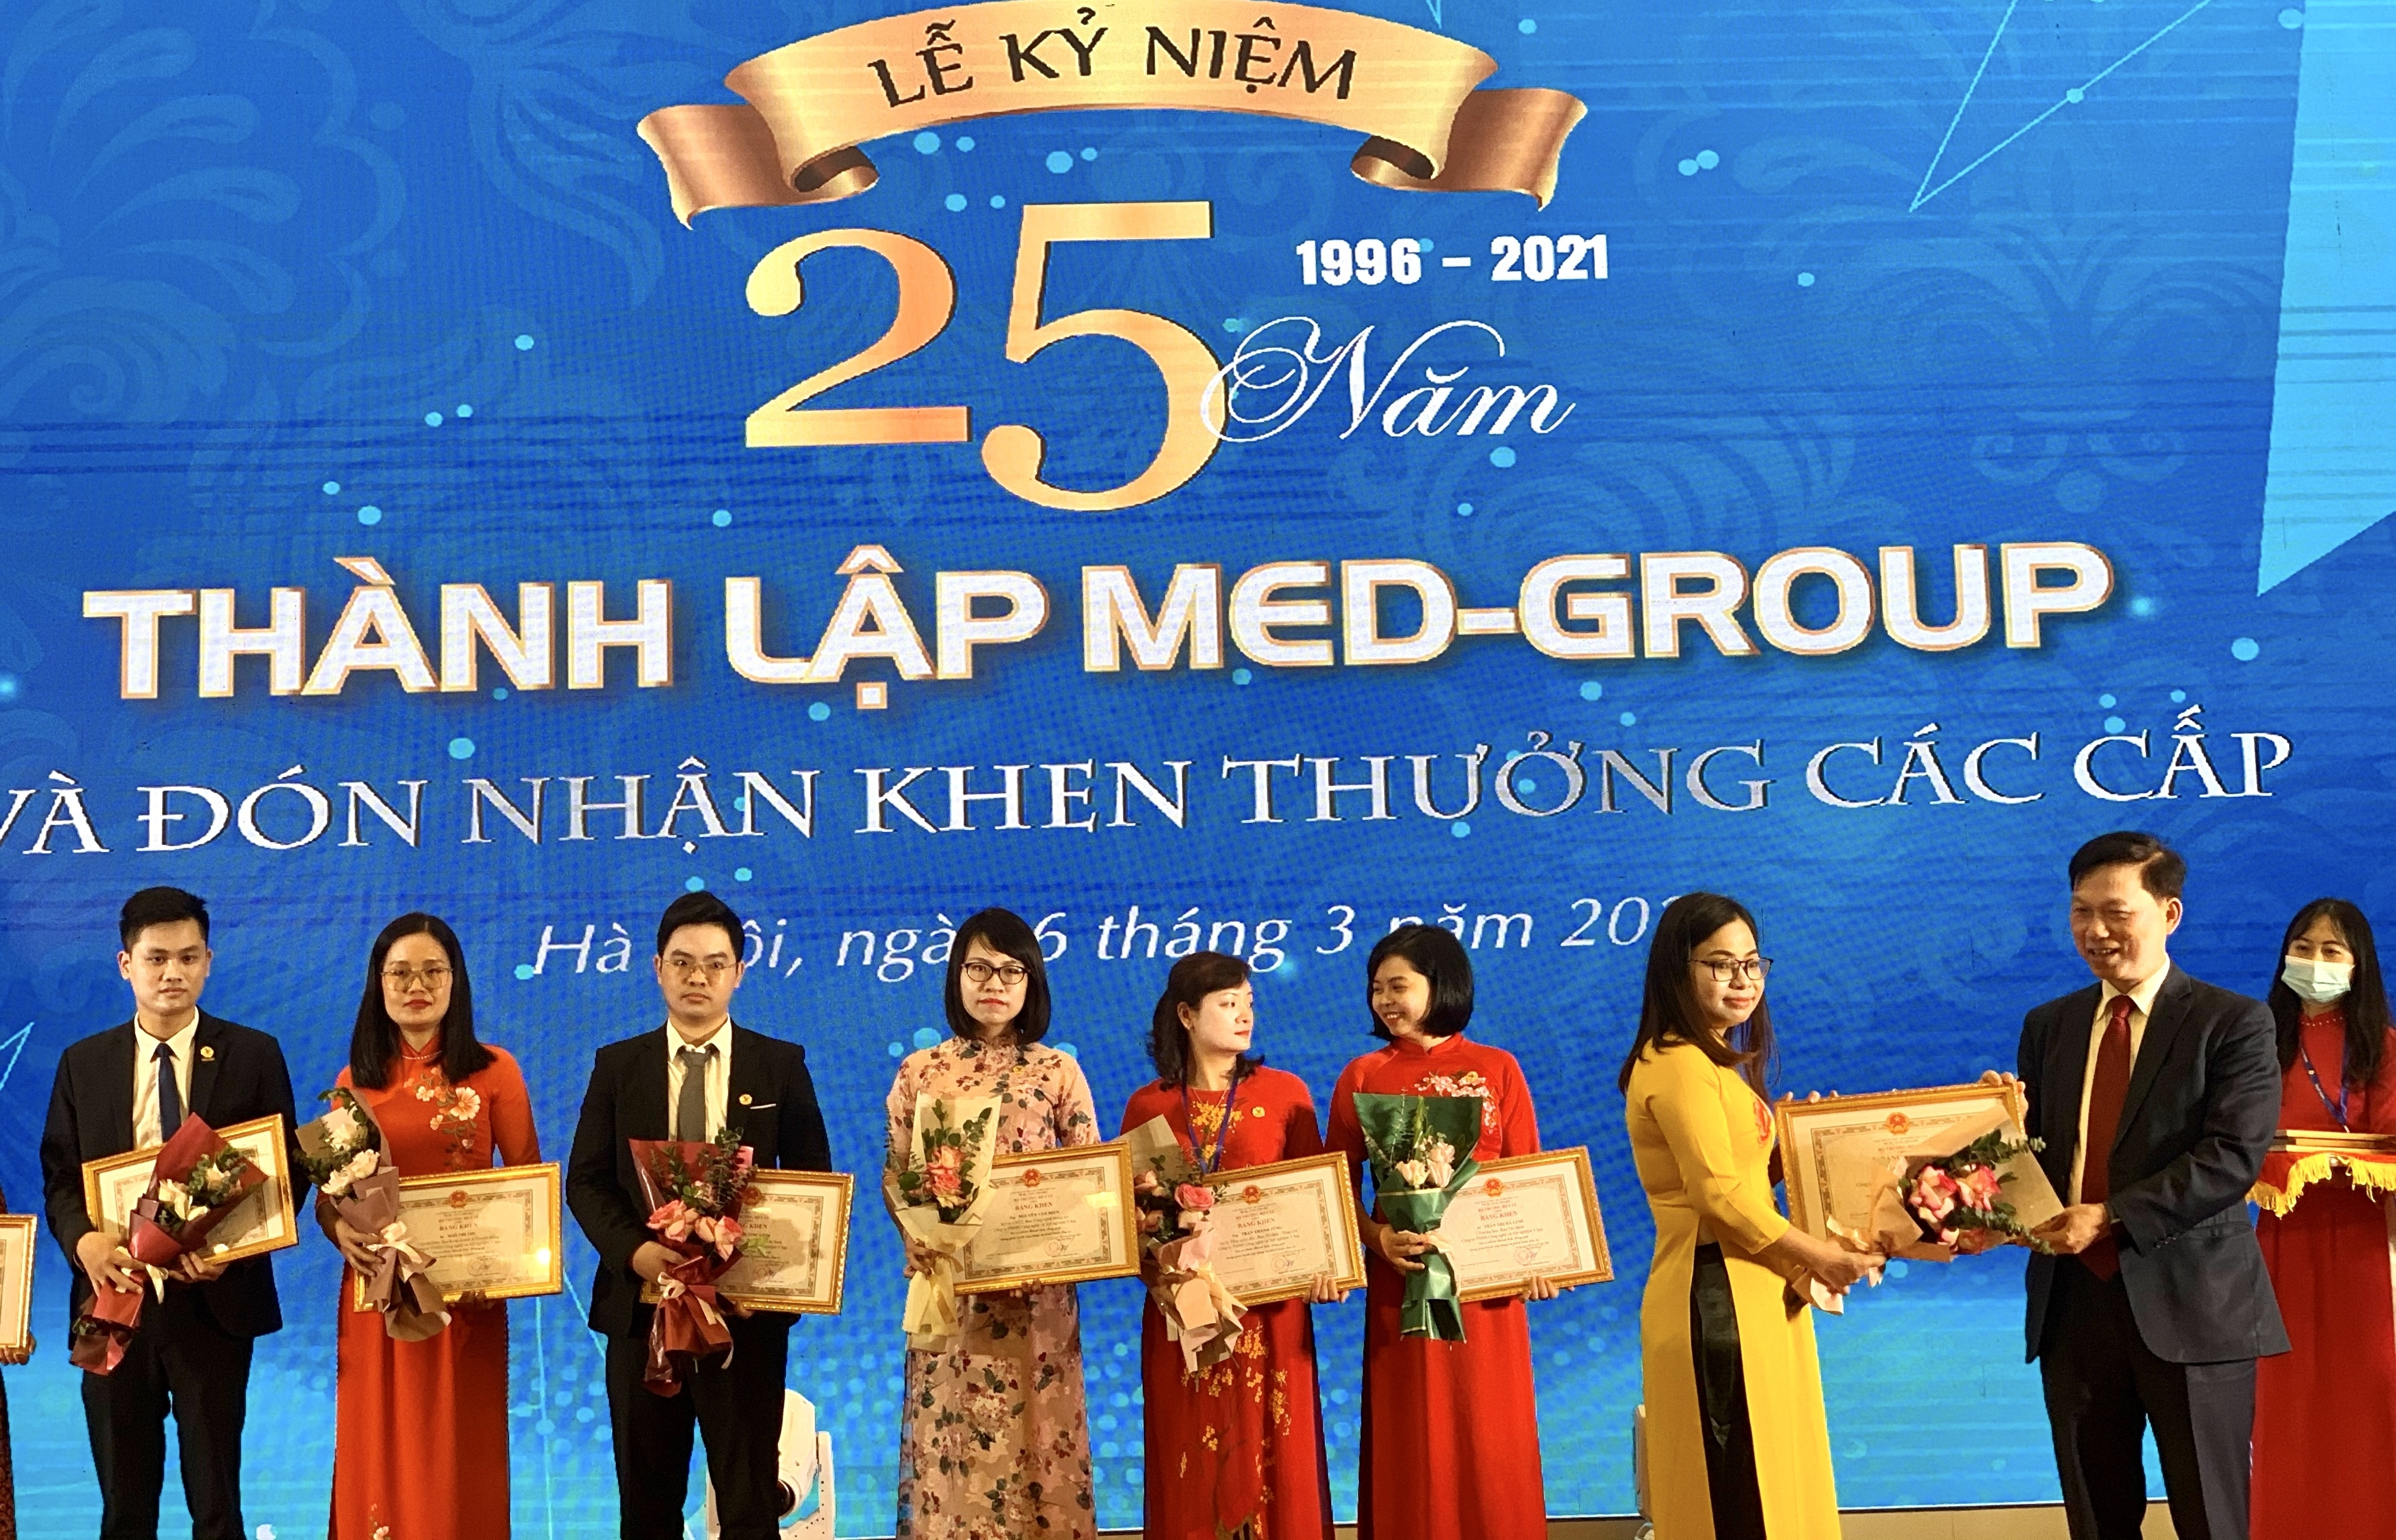 Medlatec - 25 năm nỗ lực chăm sóc sức khỏe cộng đồng